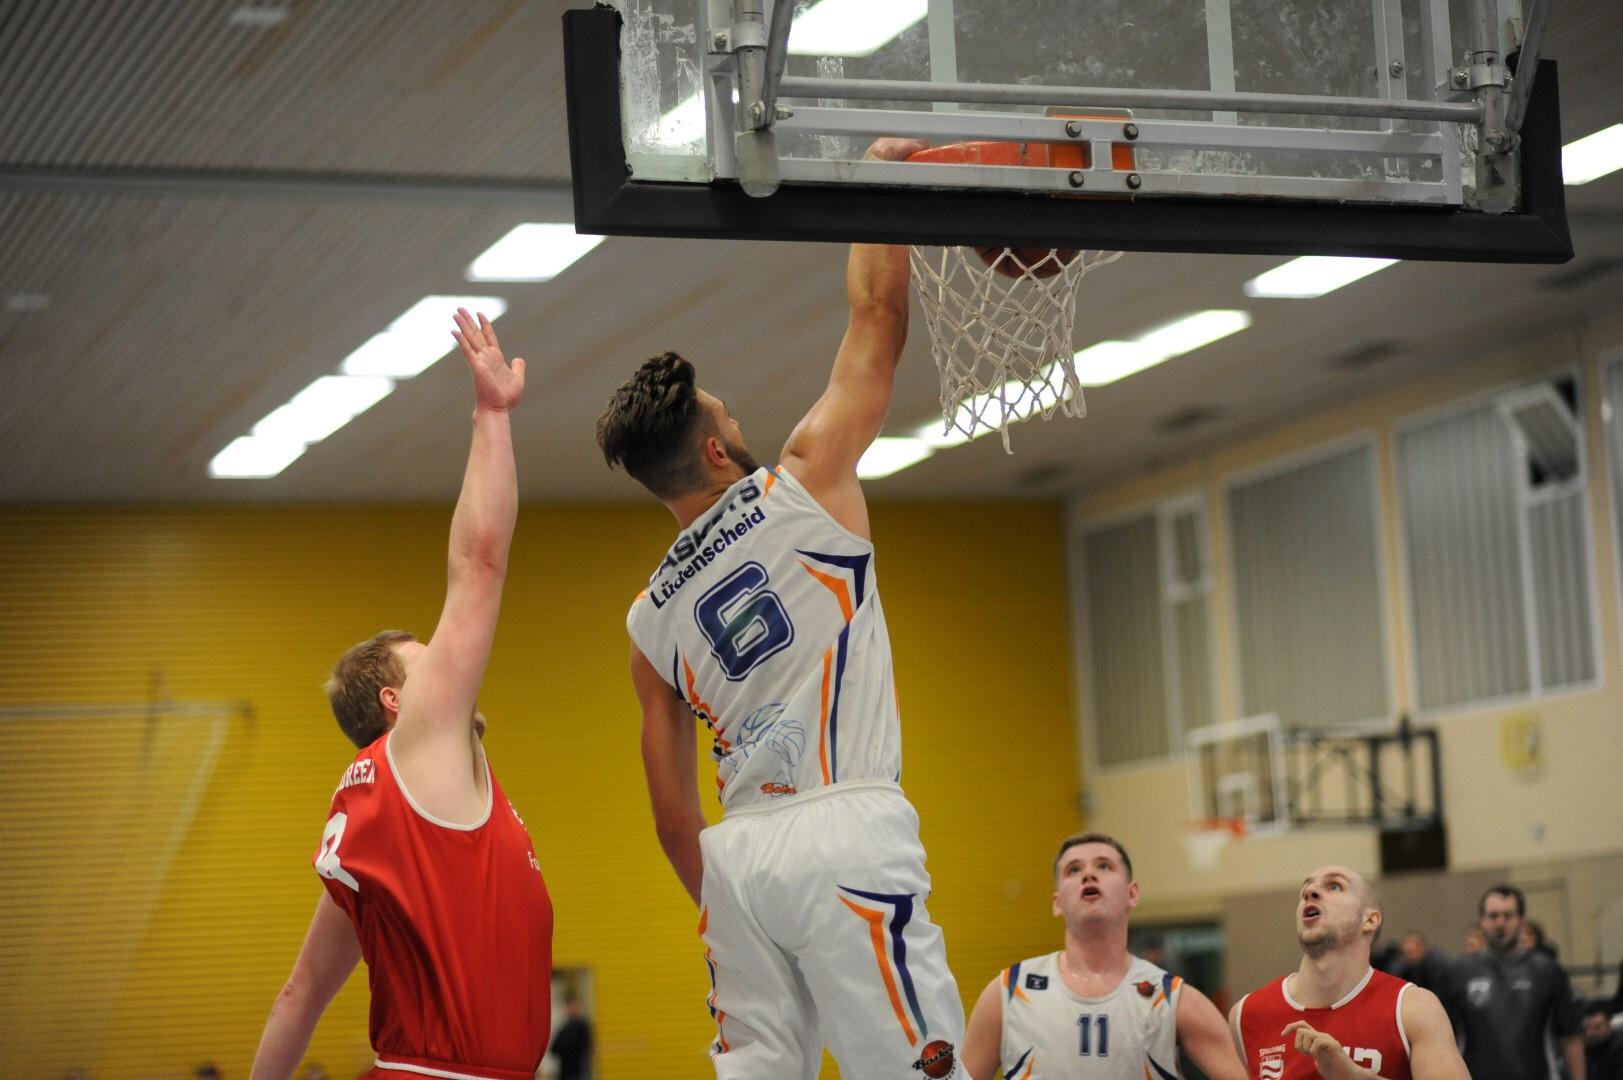 Herren-Oberliga: Baskets jubeln nach intensivem Spiel